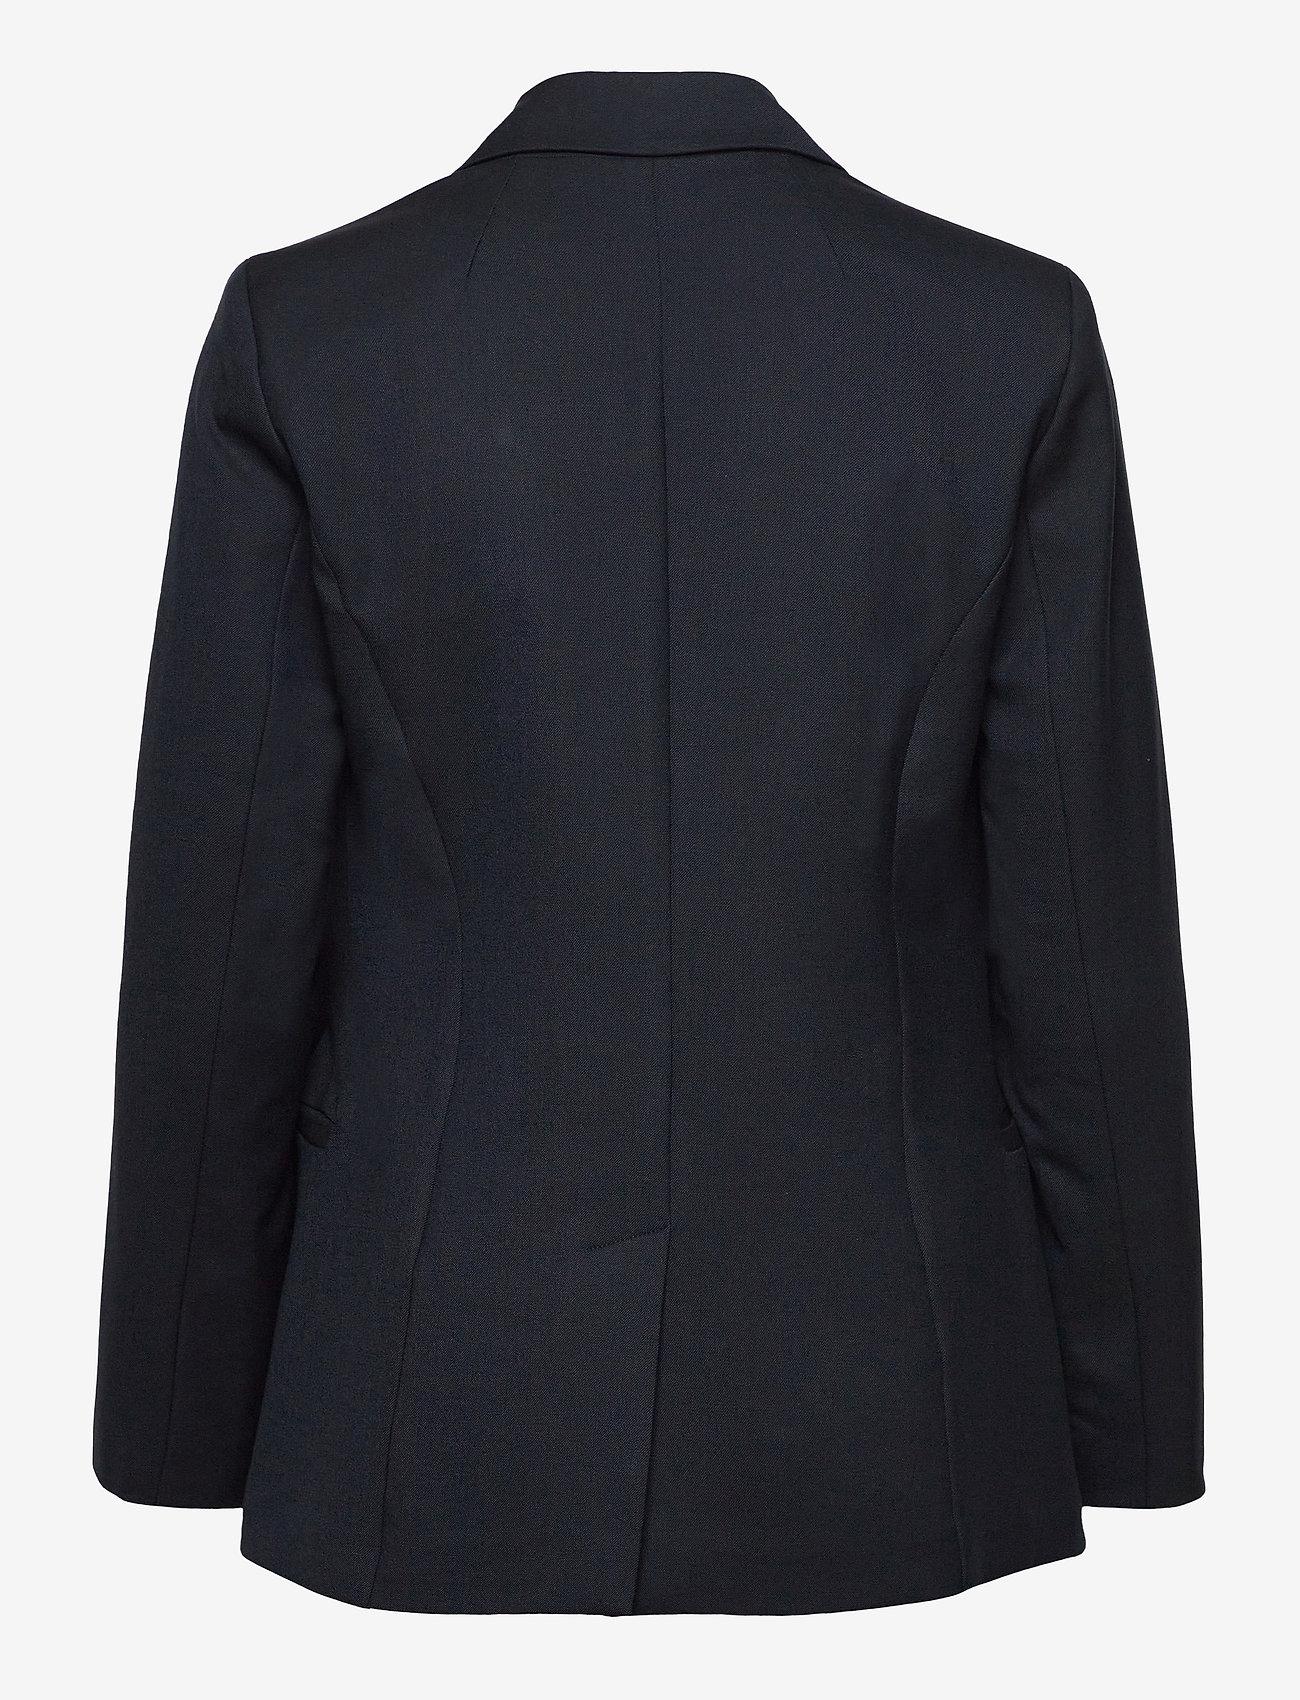 Max&Co. - CAGLIARI - oversized blazers - midnight blue - 1